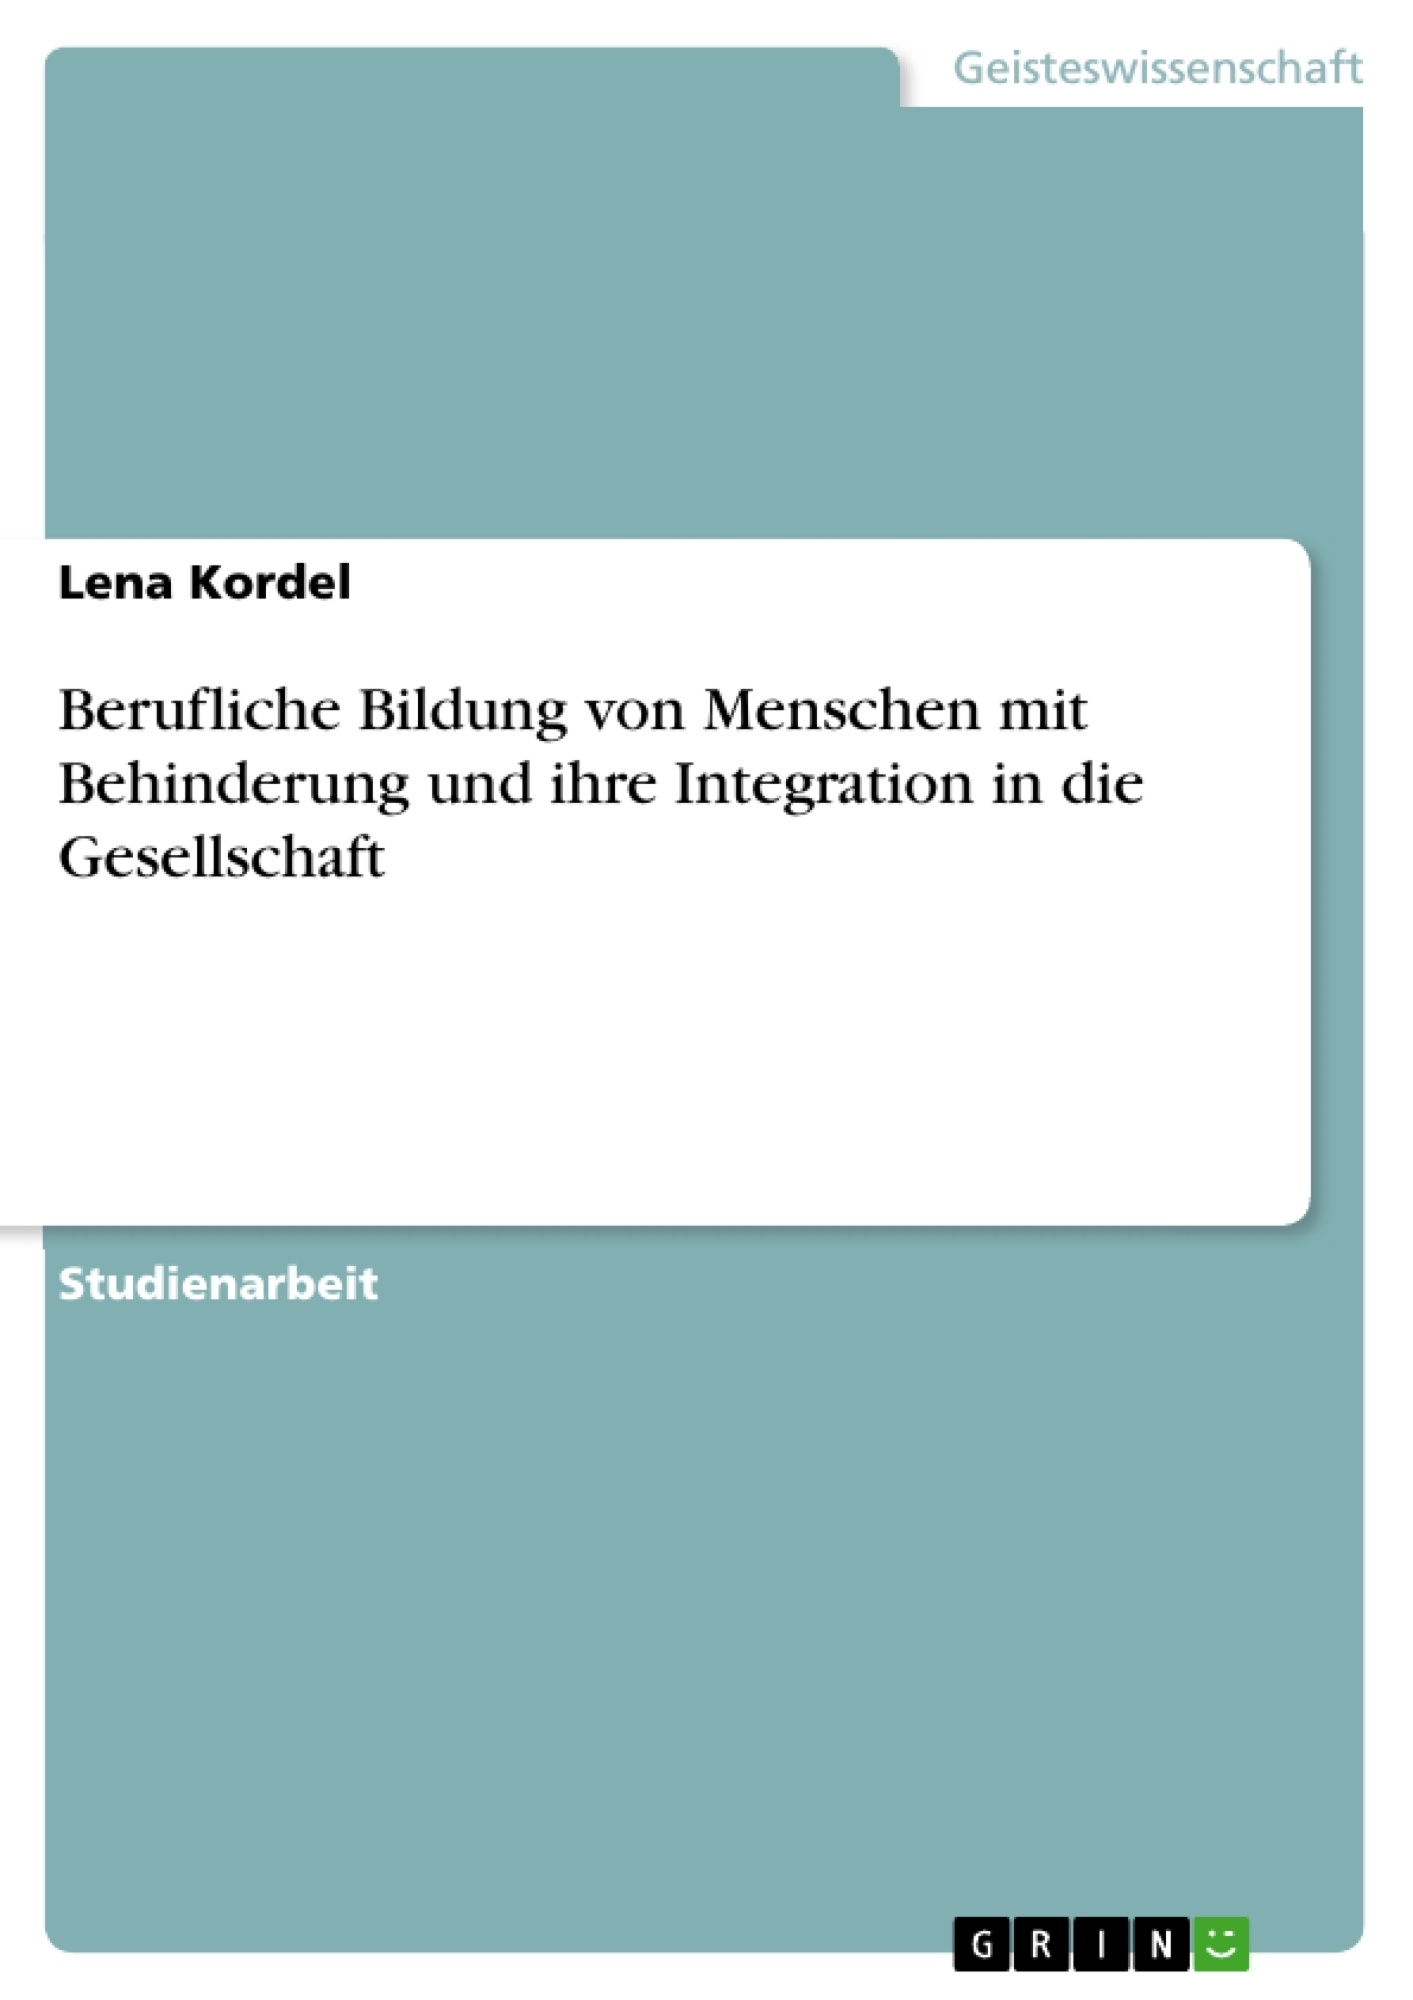 Titel: Berufliche Bildung von Menschen mit Behinderung und ihre Integration in die Gesellschaft